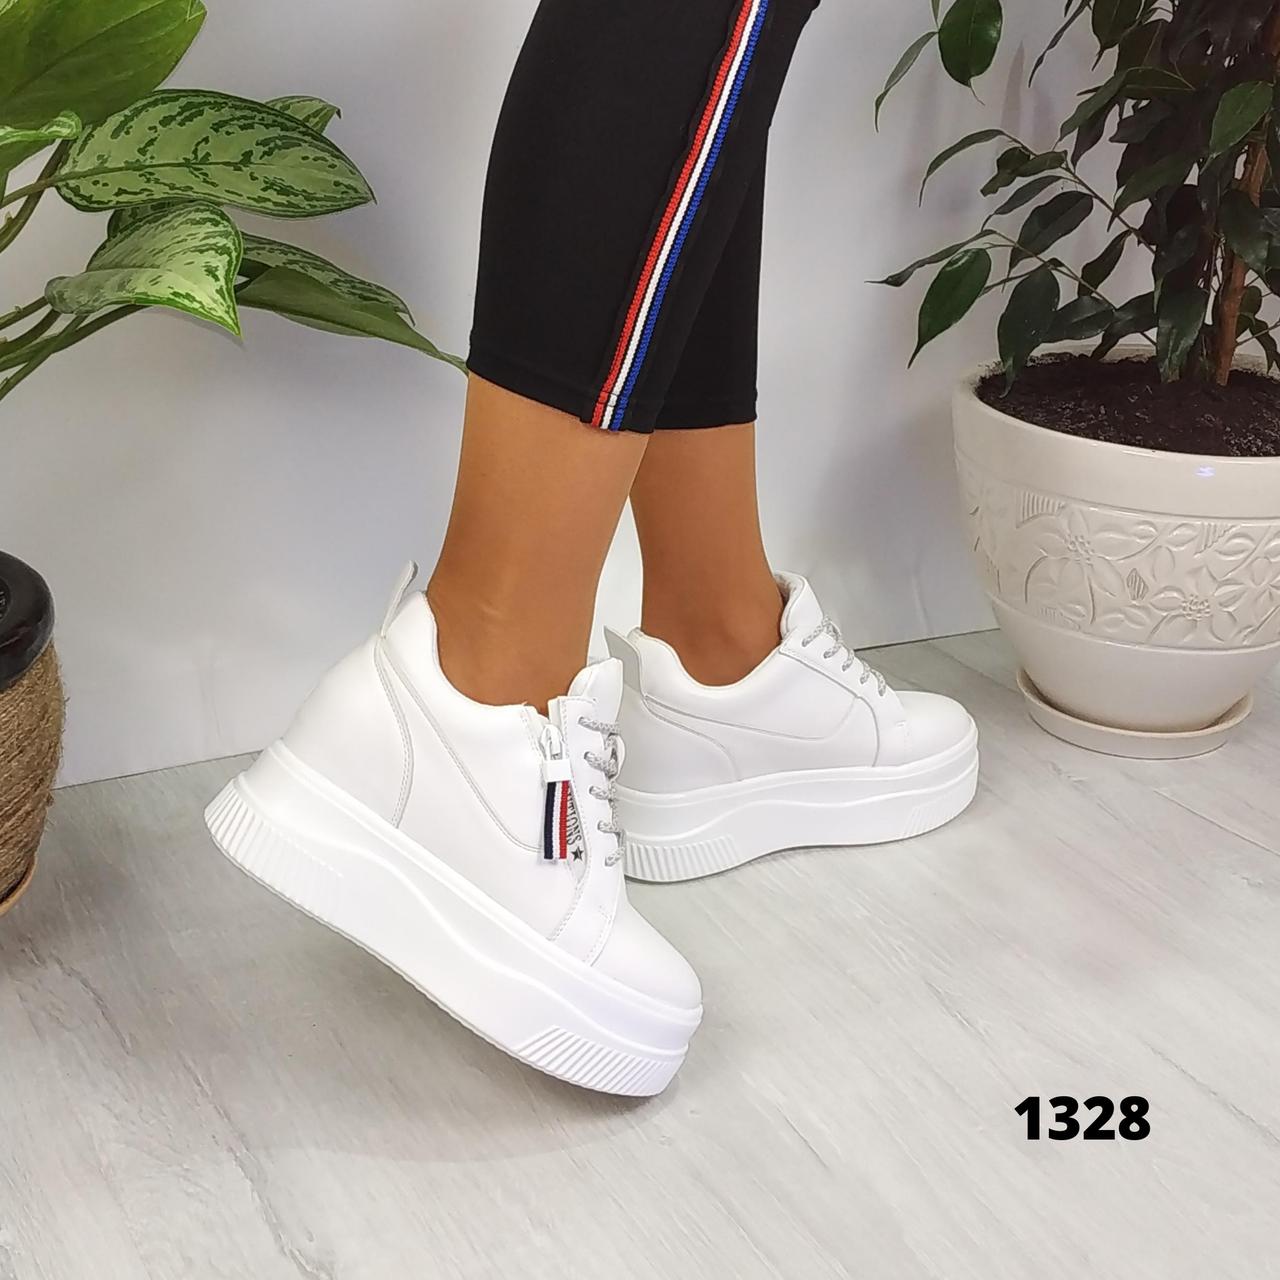 Женские белые кроссовки сникерсы на платформе и танкетке, ОВ 1328